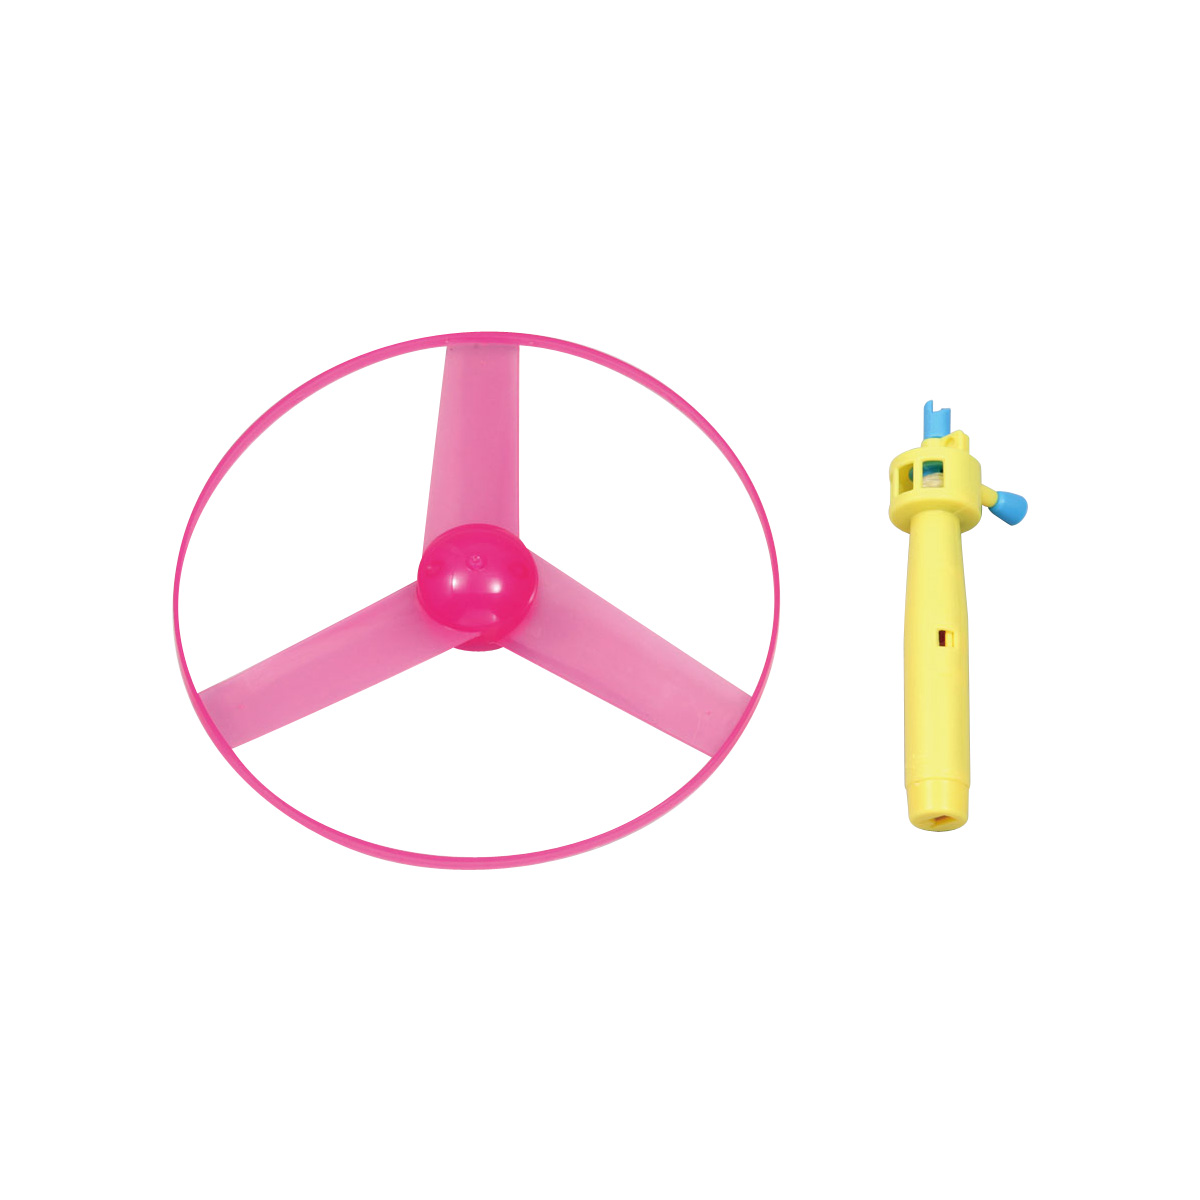 フライングソーサー ランダムカラー 玩具 おもちゃ プロペラ タケコプター トンボプロペラ クリスマスプレゼント